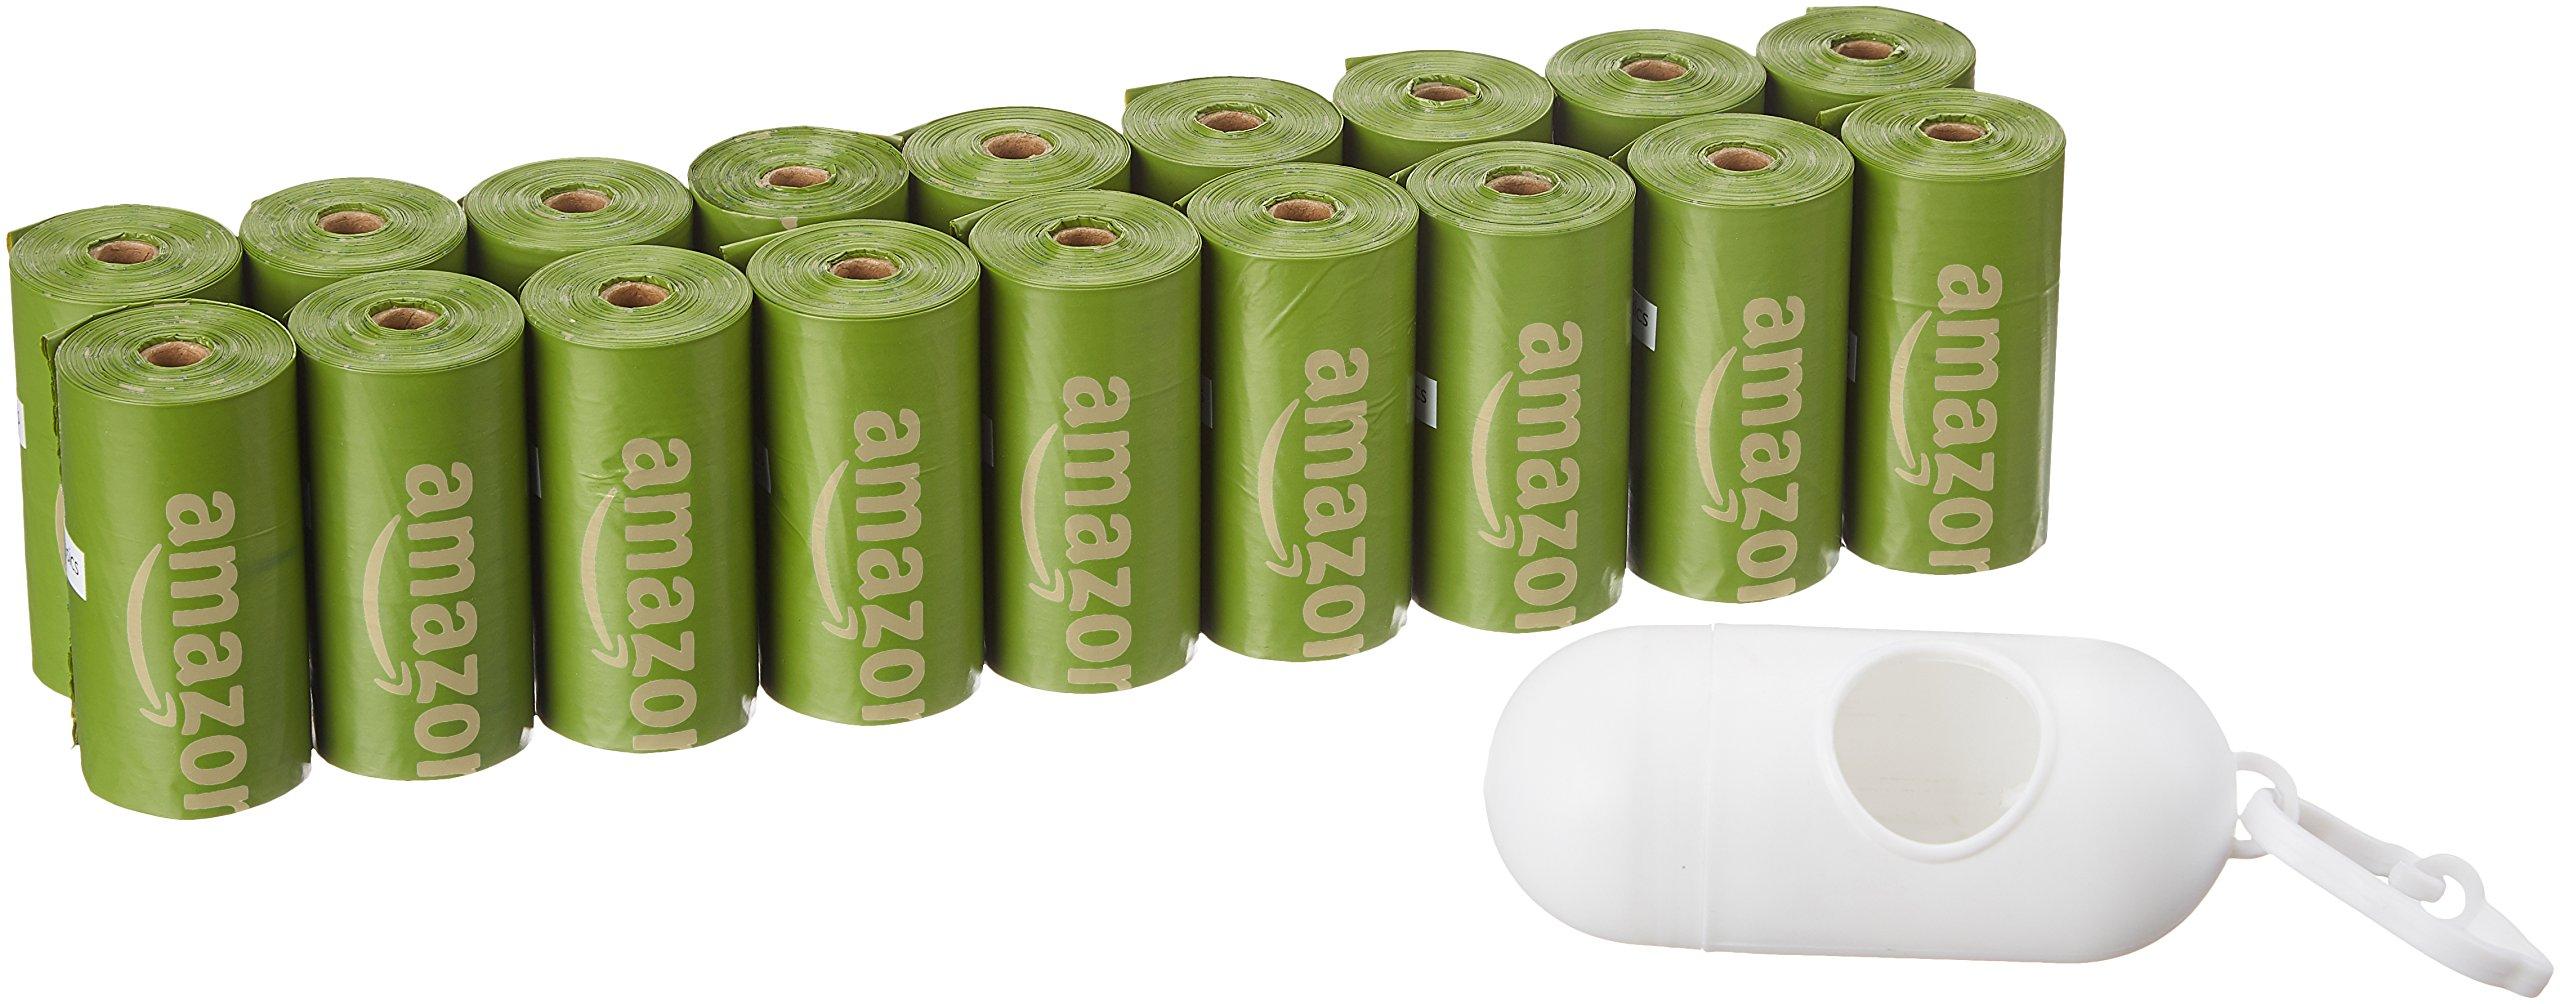 AmazonBasics - Bolsa mejorada para heces de perro con aditivos EPI y dispensador y pinza para